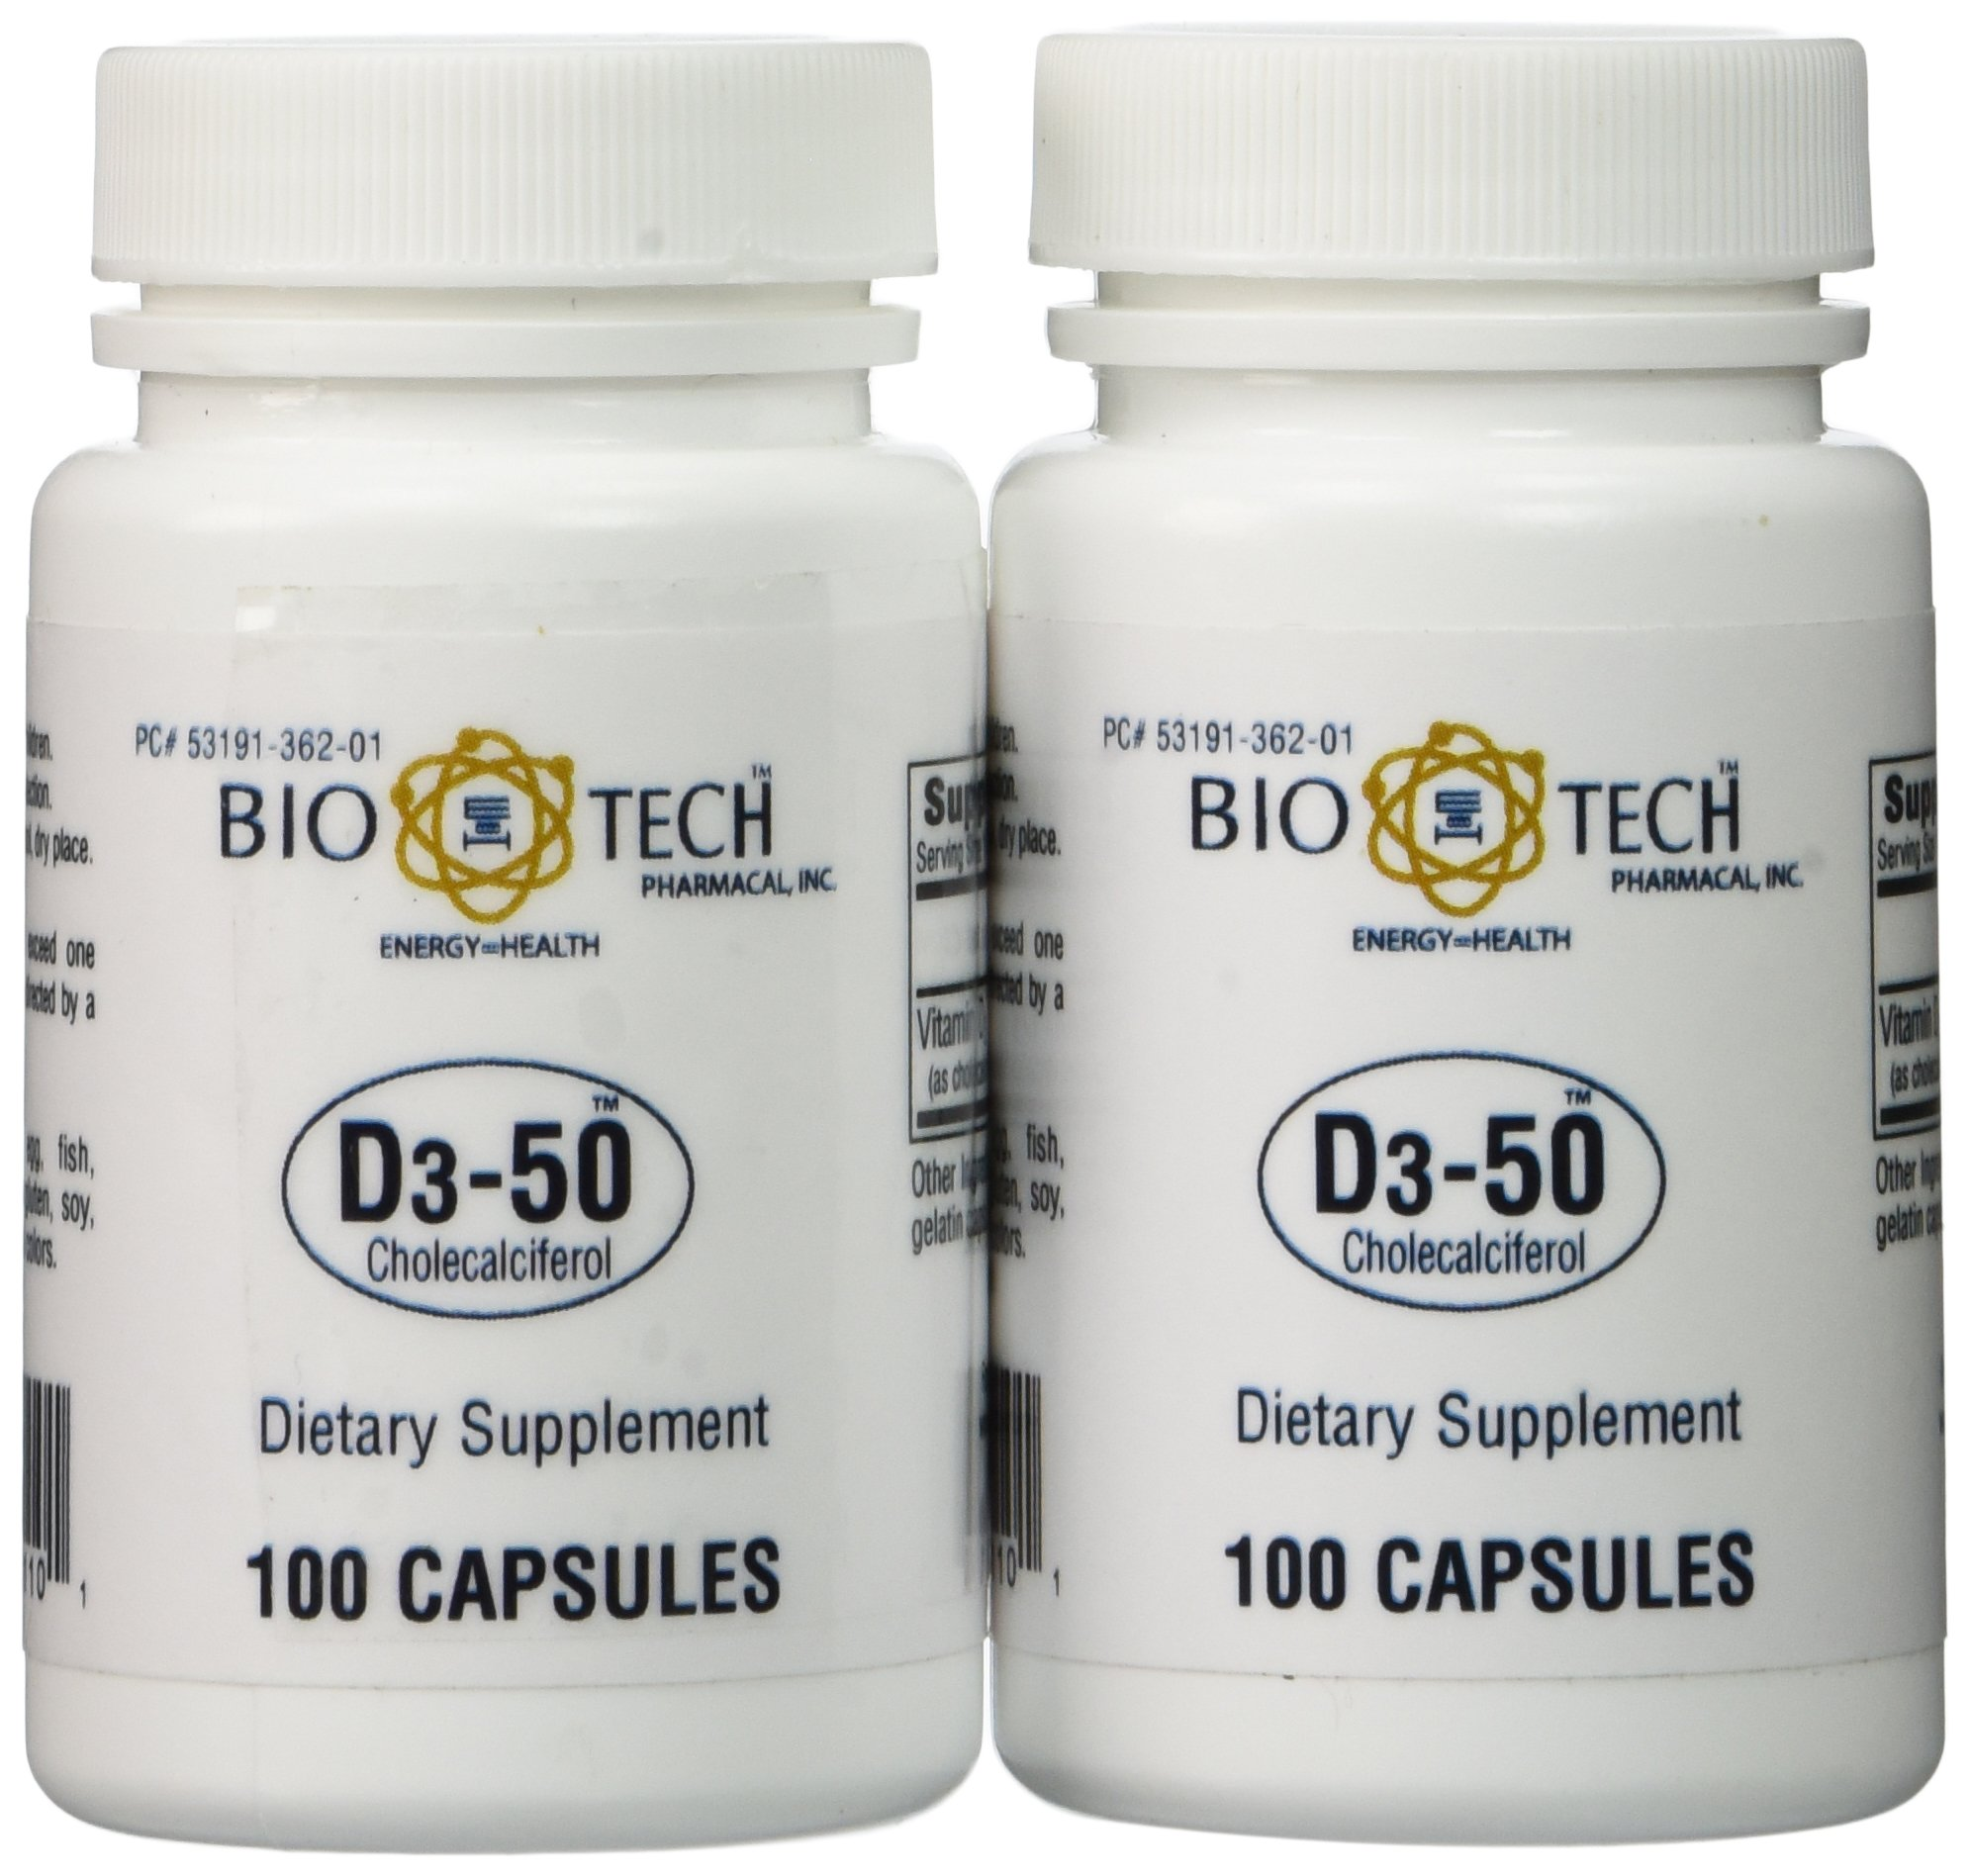 Bio-Tech - D3-50 50,000 IU, 100 Capsules (Pack of 2) by bio tech